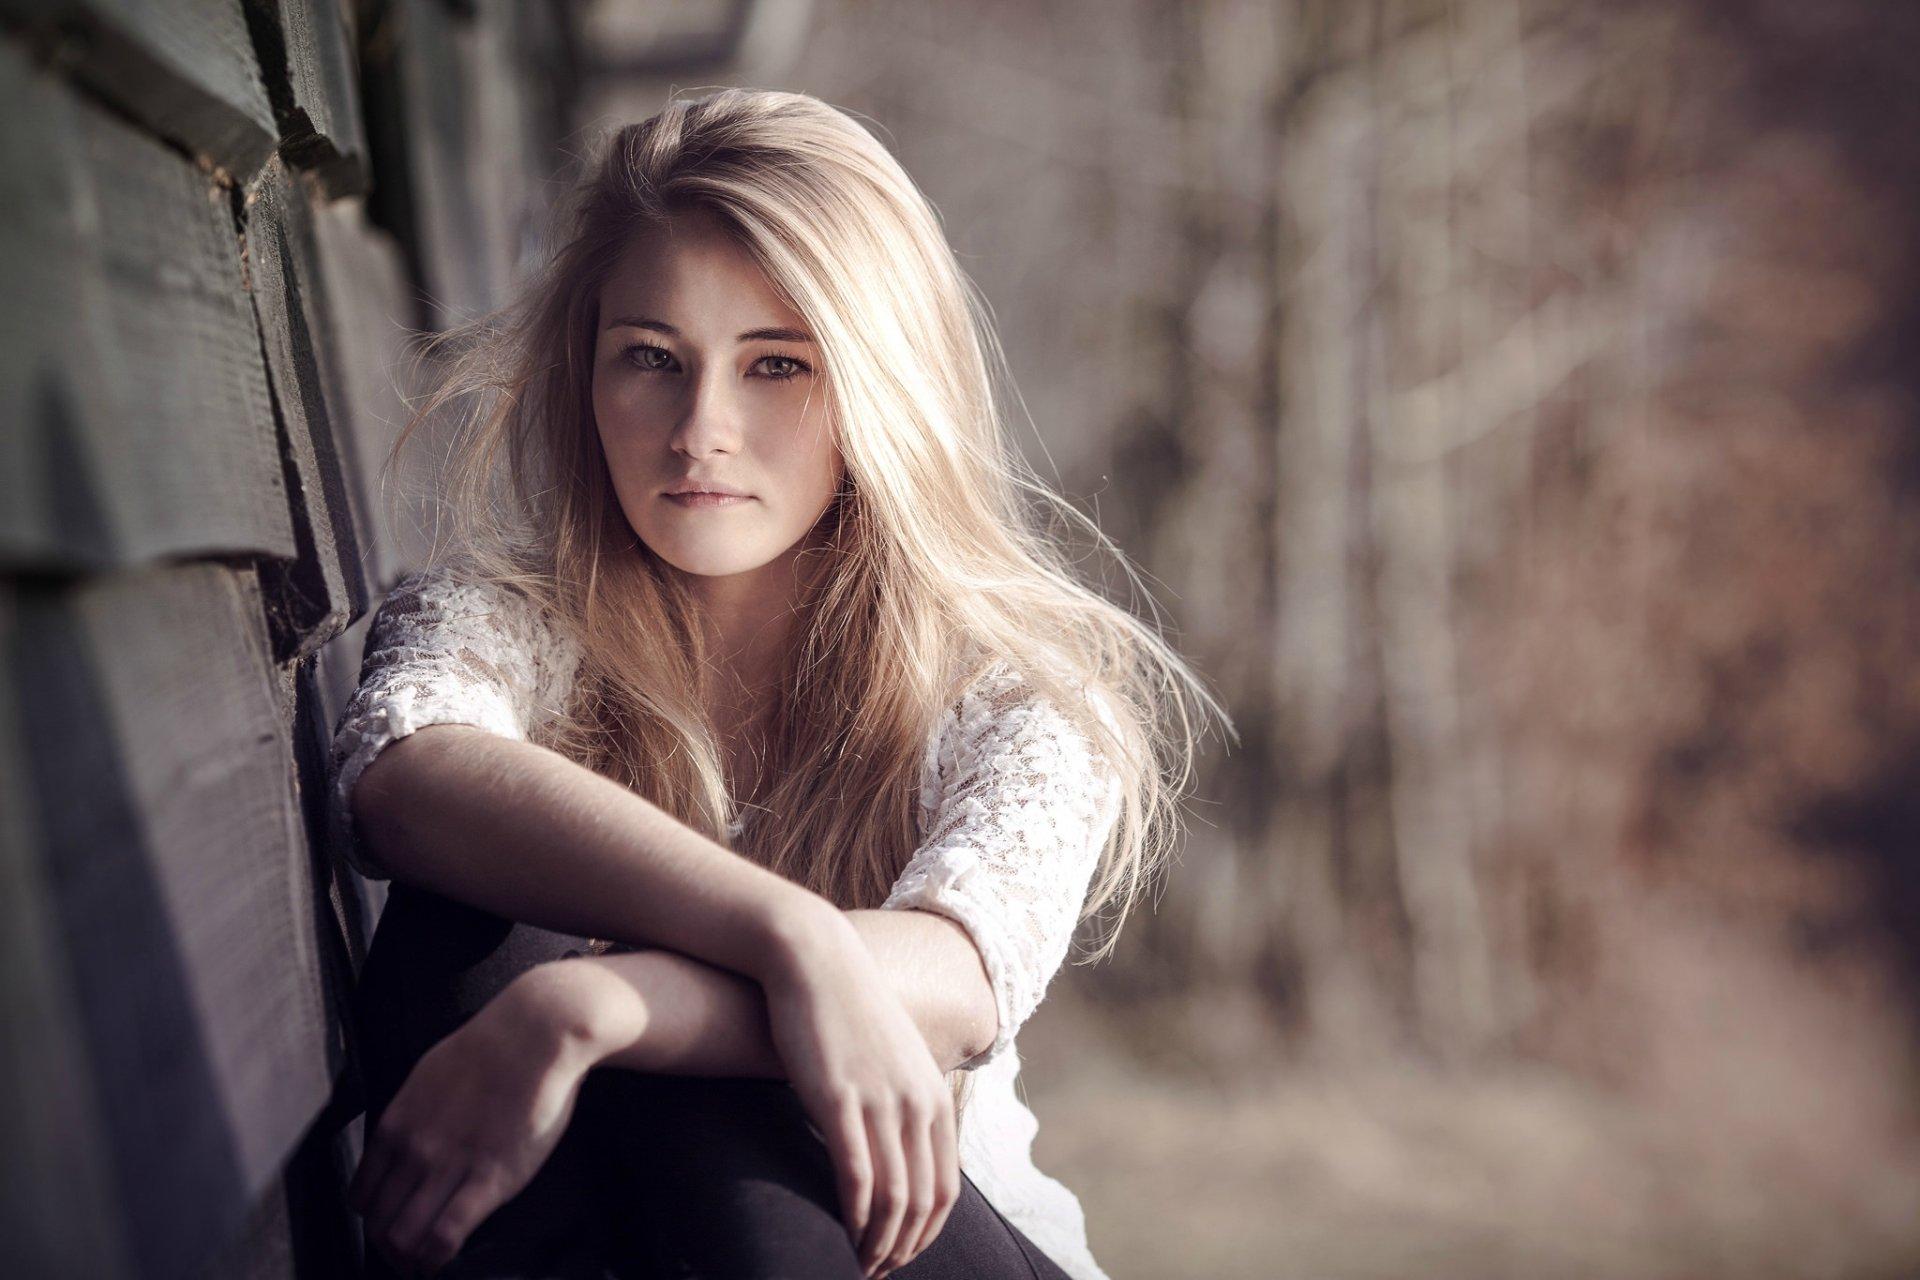 Women - Model  Woman Girl Blonde Hazel Eyes Depth Of Field Long Hair Wallpaper